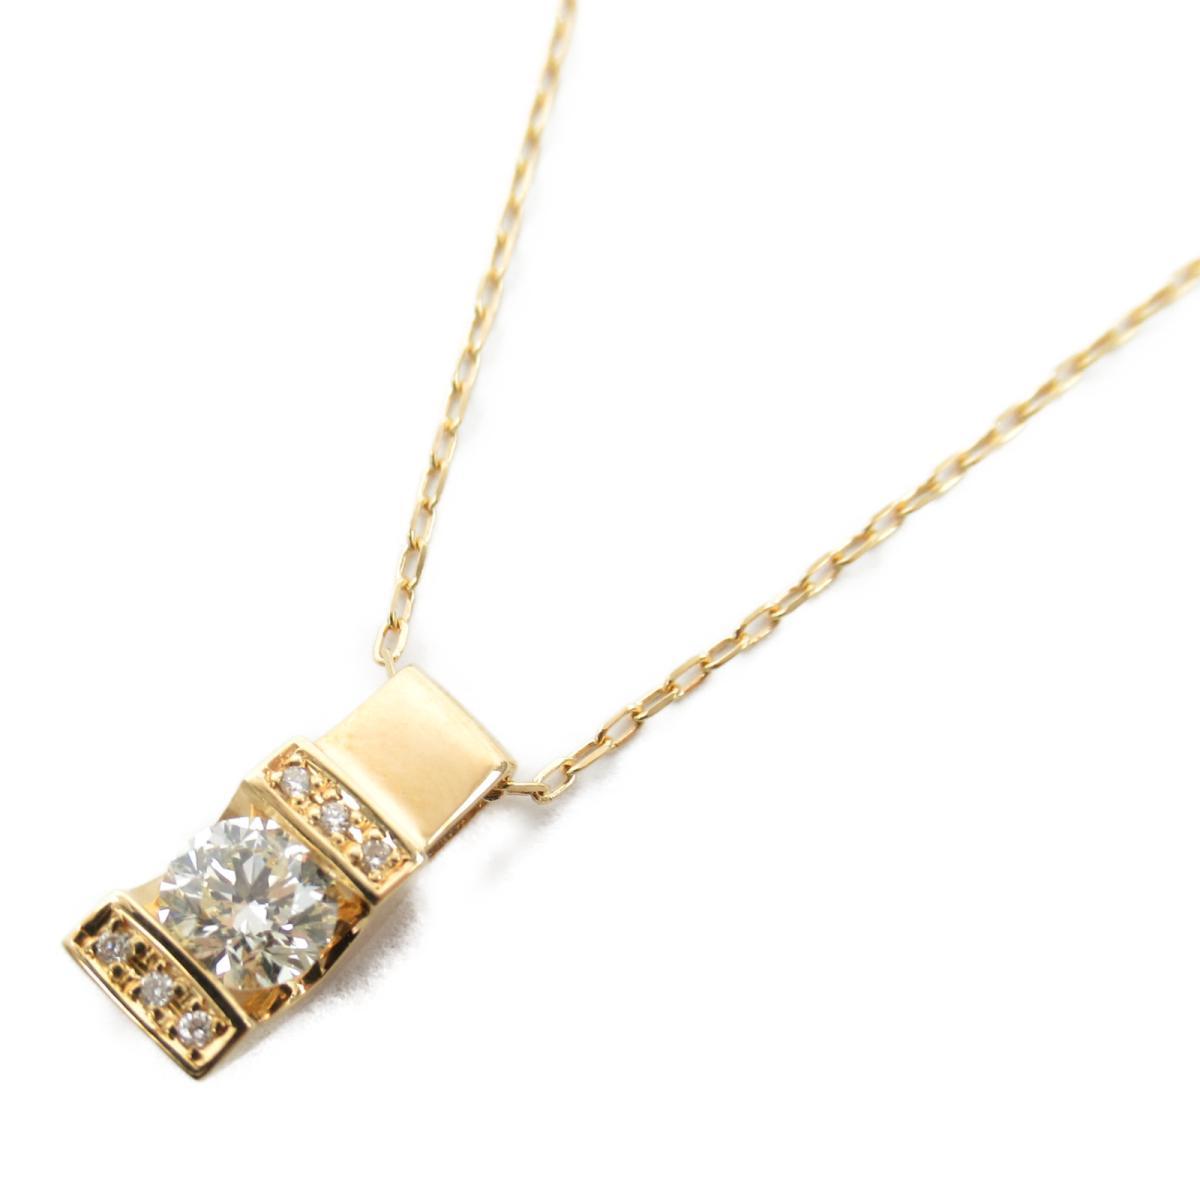 ジュエリー ダイヤモンド ネックレス ノーブランドジュエリー レディース K18YG (750) イエローゴールド x ダイヤモンド0.401/0.02ct 【中古】   JEWELRY BRANDOFF ブランドオフ アクセサリー ペンダント